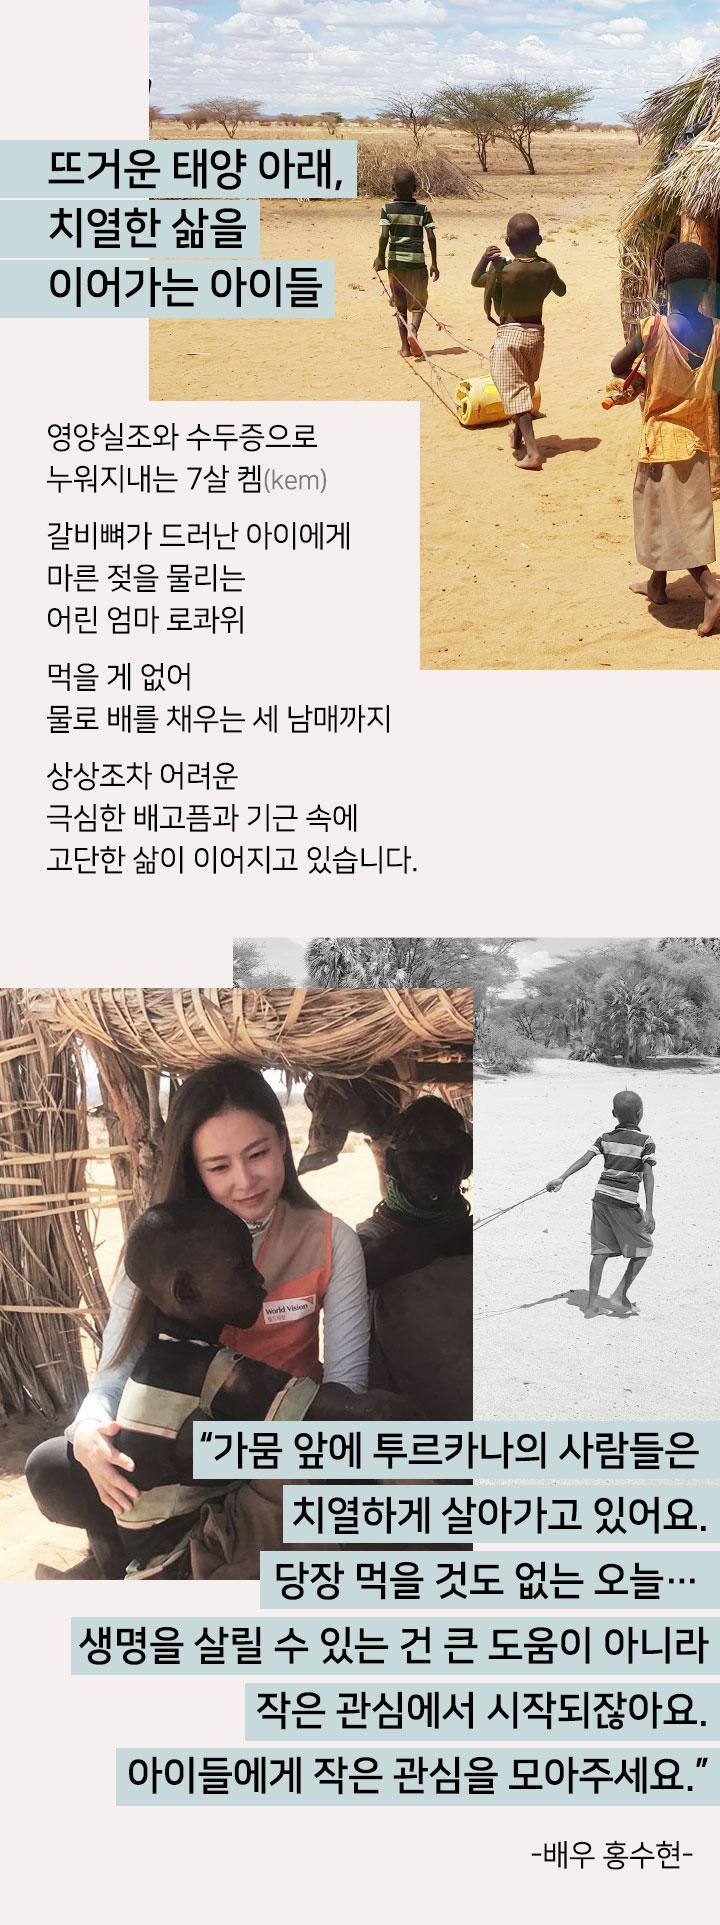 뜨거운 태양 아래, 치열한 삶을 이어가는 아이들. 영양실조와 수두증으로 누워지내는 7살 켐. 갈비뼈가 드러난 아이에게 마른 젖을 물리는 엄마 로콰위. 먹을 게 없어 물로 배를 채우는 세 남매까지, 상상조차 어려운 극심한 배고픔과 기근 속에 고단한 삶이 이어지고 있습니다.  가뭄 앞에 투르카나의 사람들은 치열하게 살아가고 있어요. 생명을 살릴 수 있는 건 큰 도움이 아니라 작은 관심에서 시작되잖아요. 아이들에게 작은 관심을 모아주세요. 배우 홍수현.